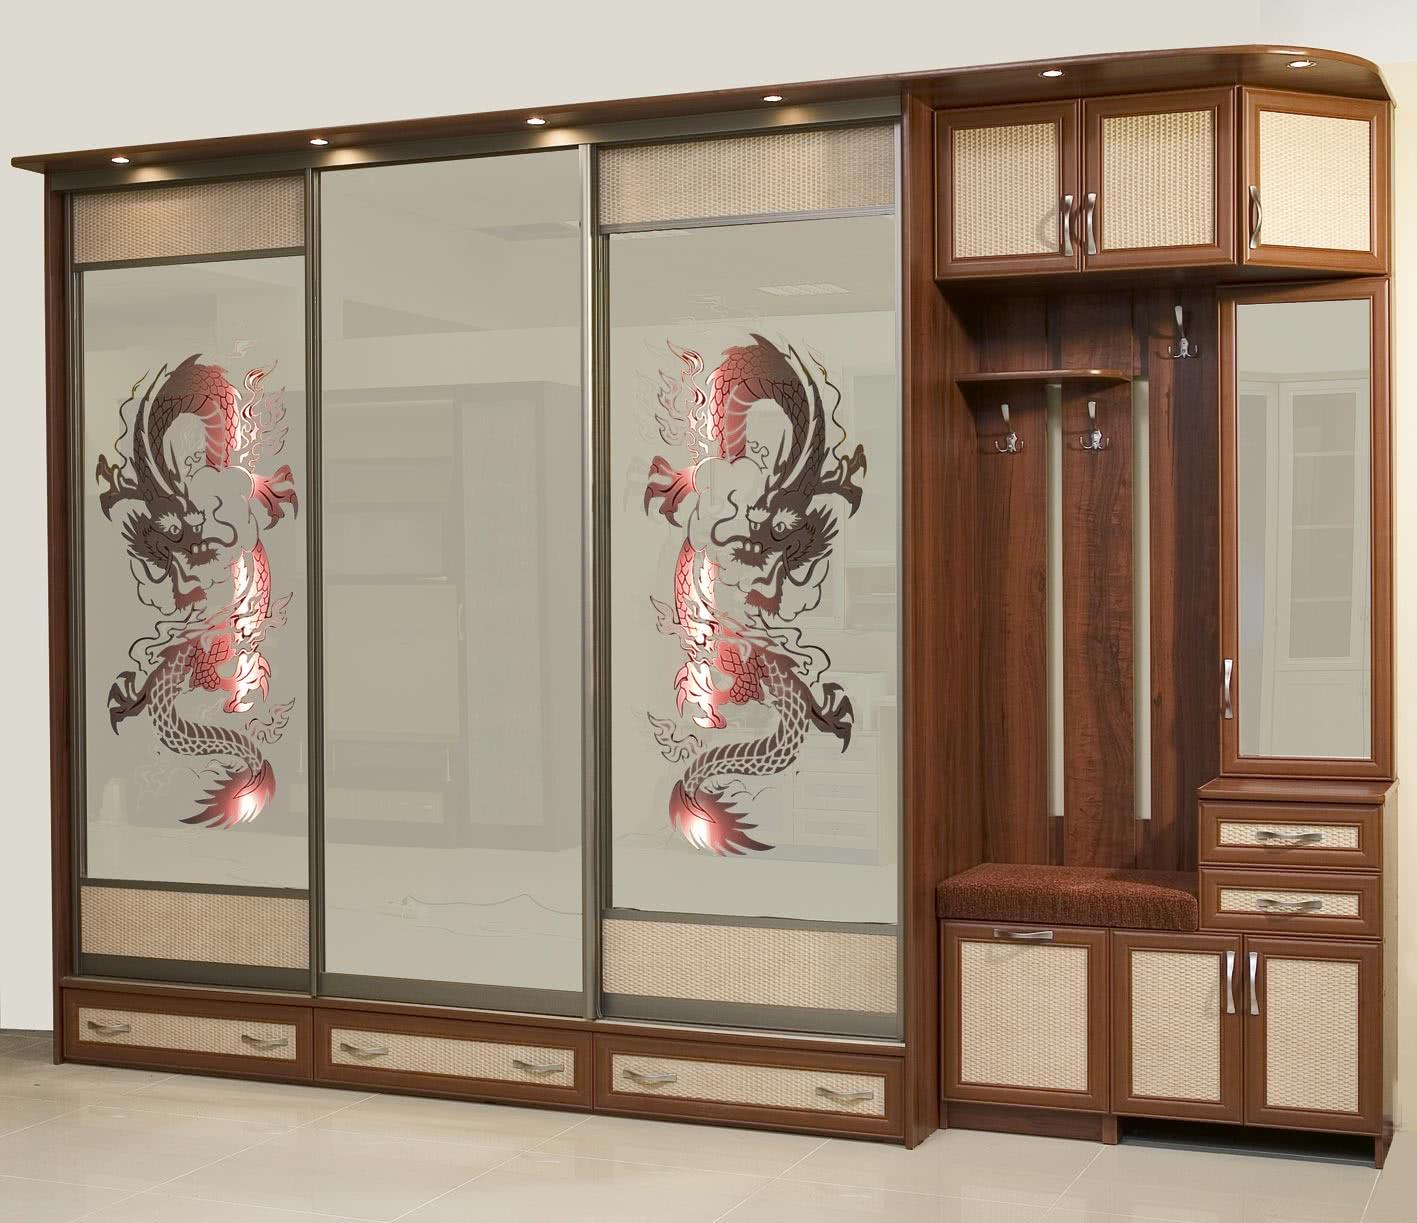 встроенные шкафы в прихожей фото цены